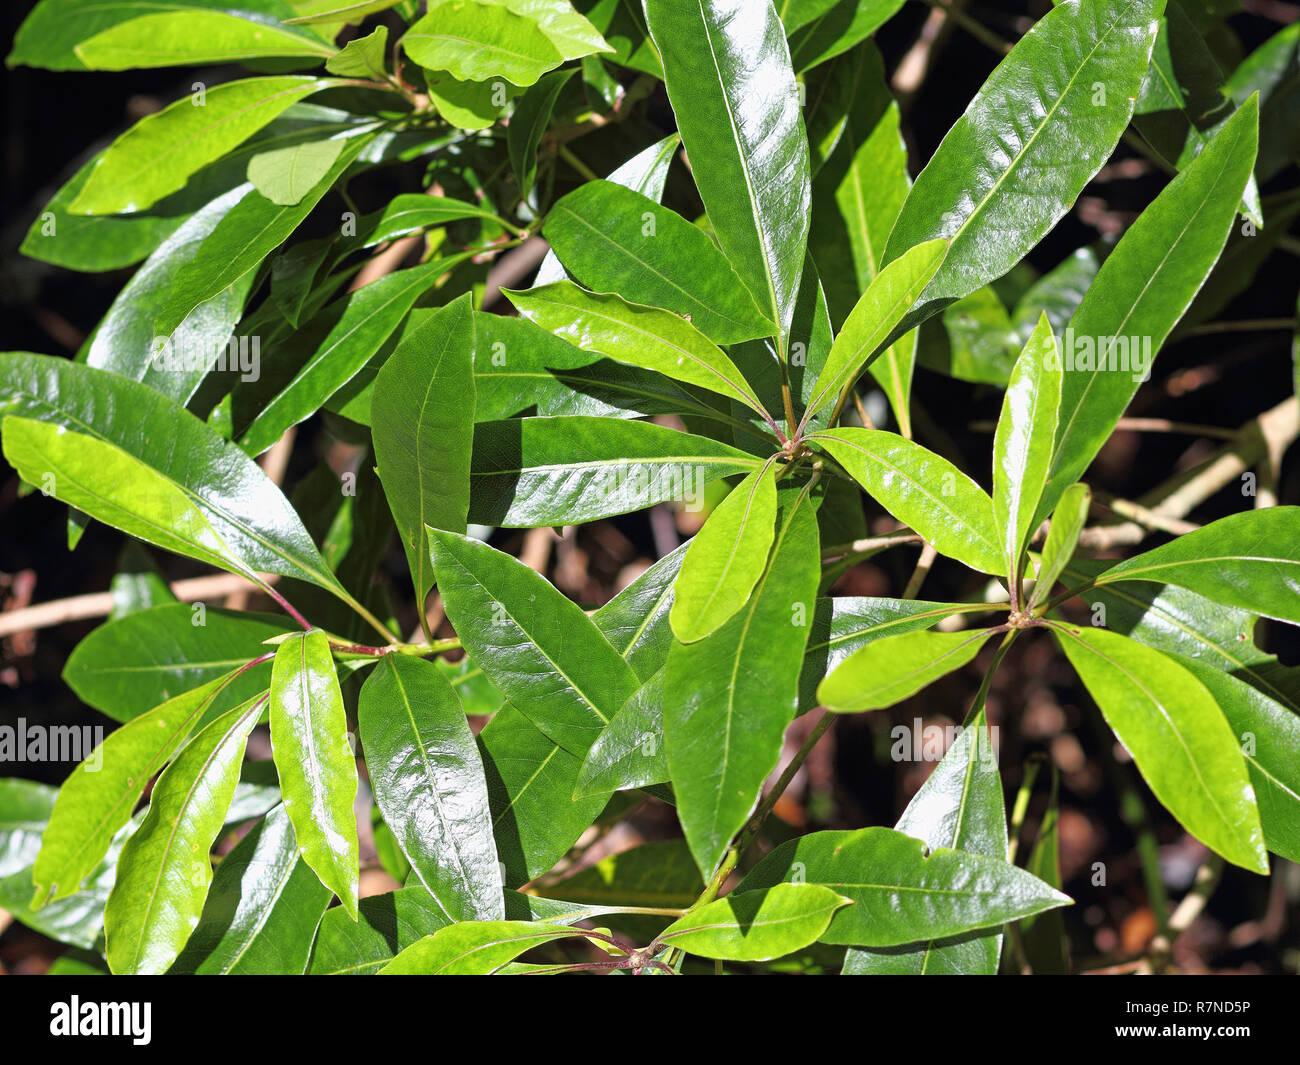 Nahaufnahmen der Blätter von Persea Indica in einem Lorbeerwälder auf Madeira Stockbild